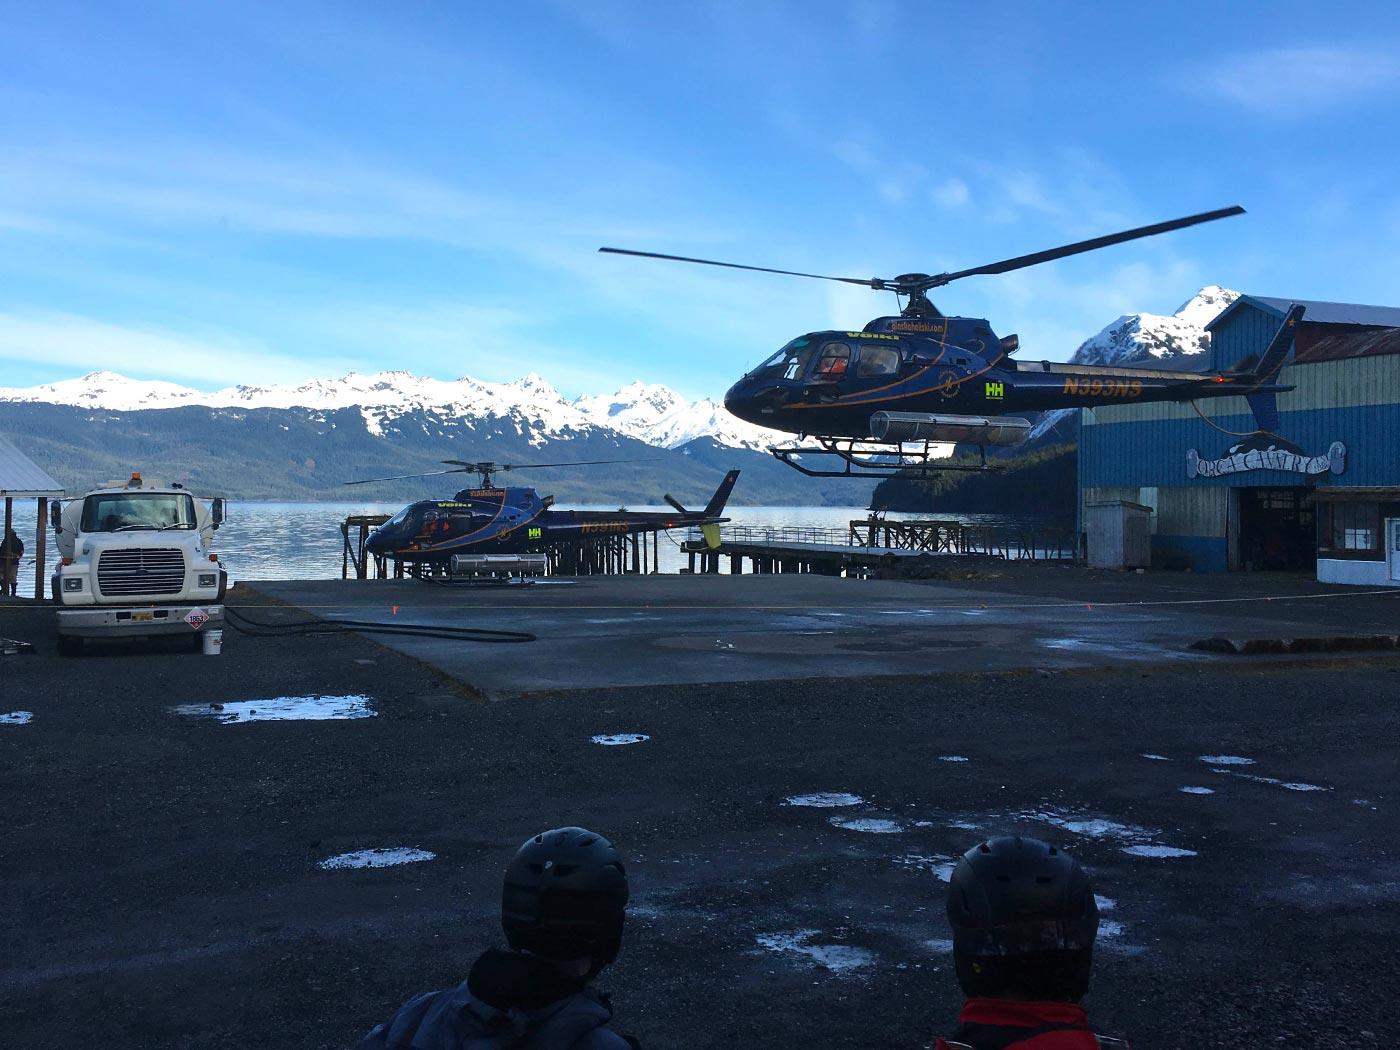 Helikopter bringt die Skiifahrer zum Heliskiing in die Berge